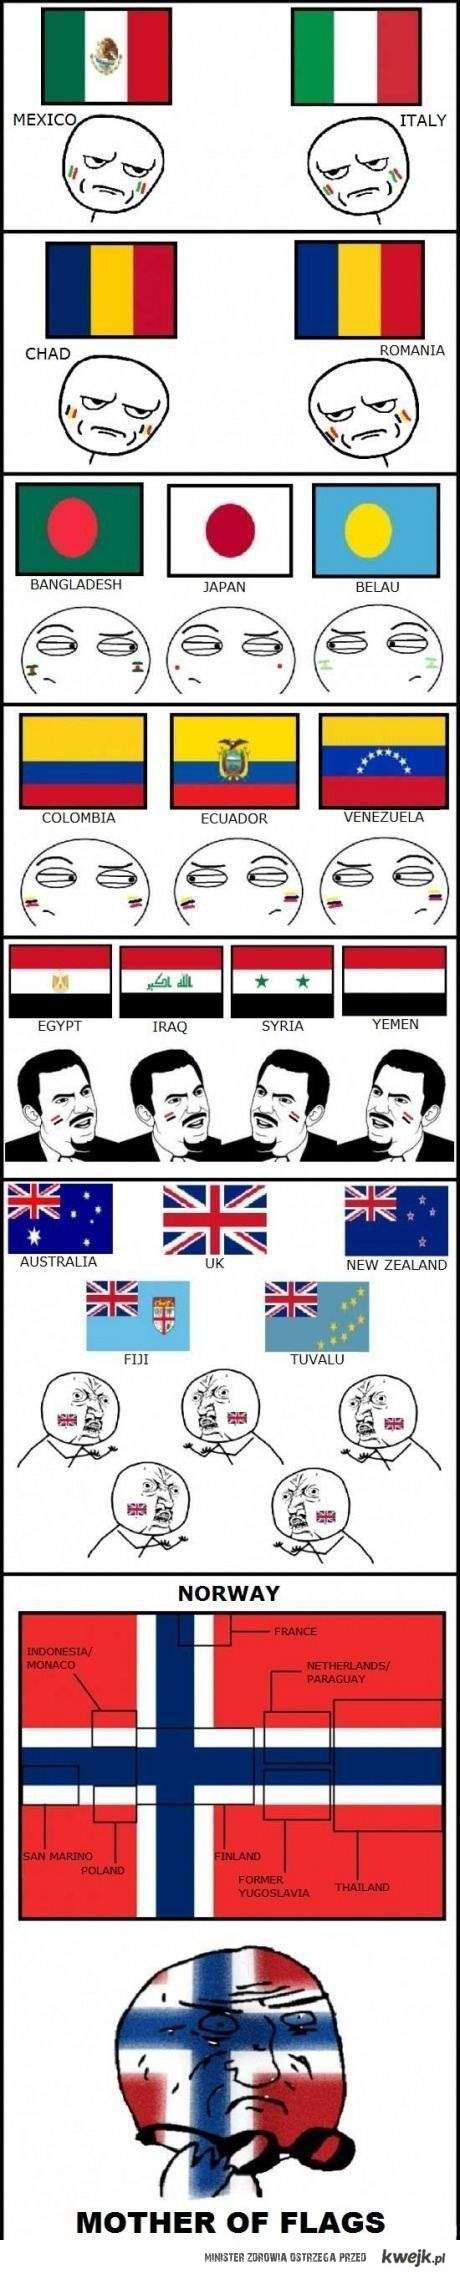 Rodzaje flag